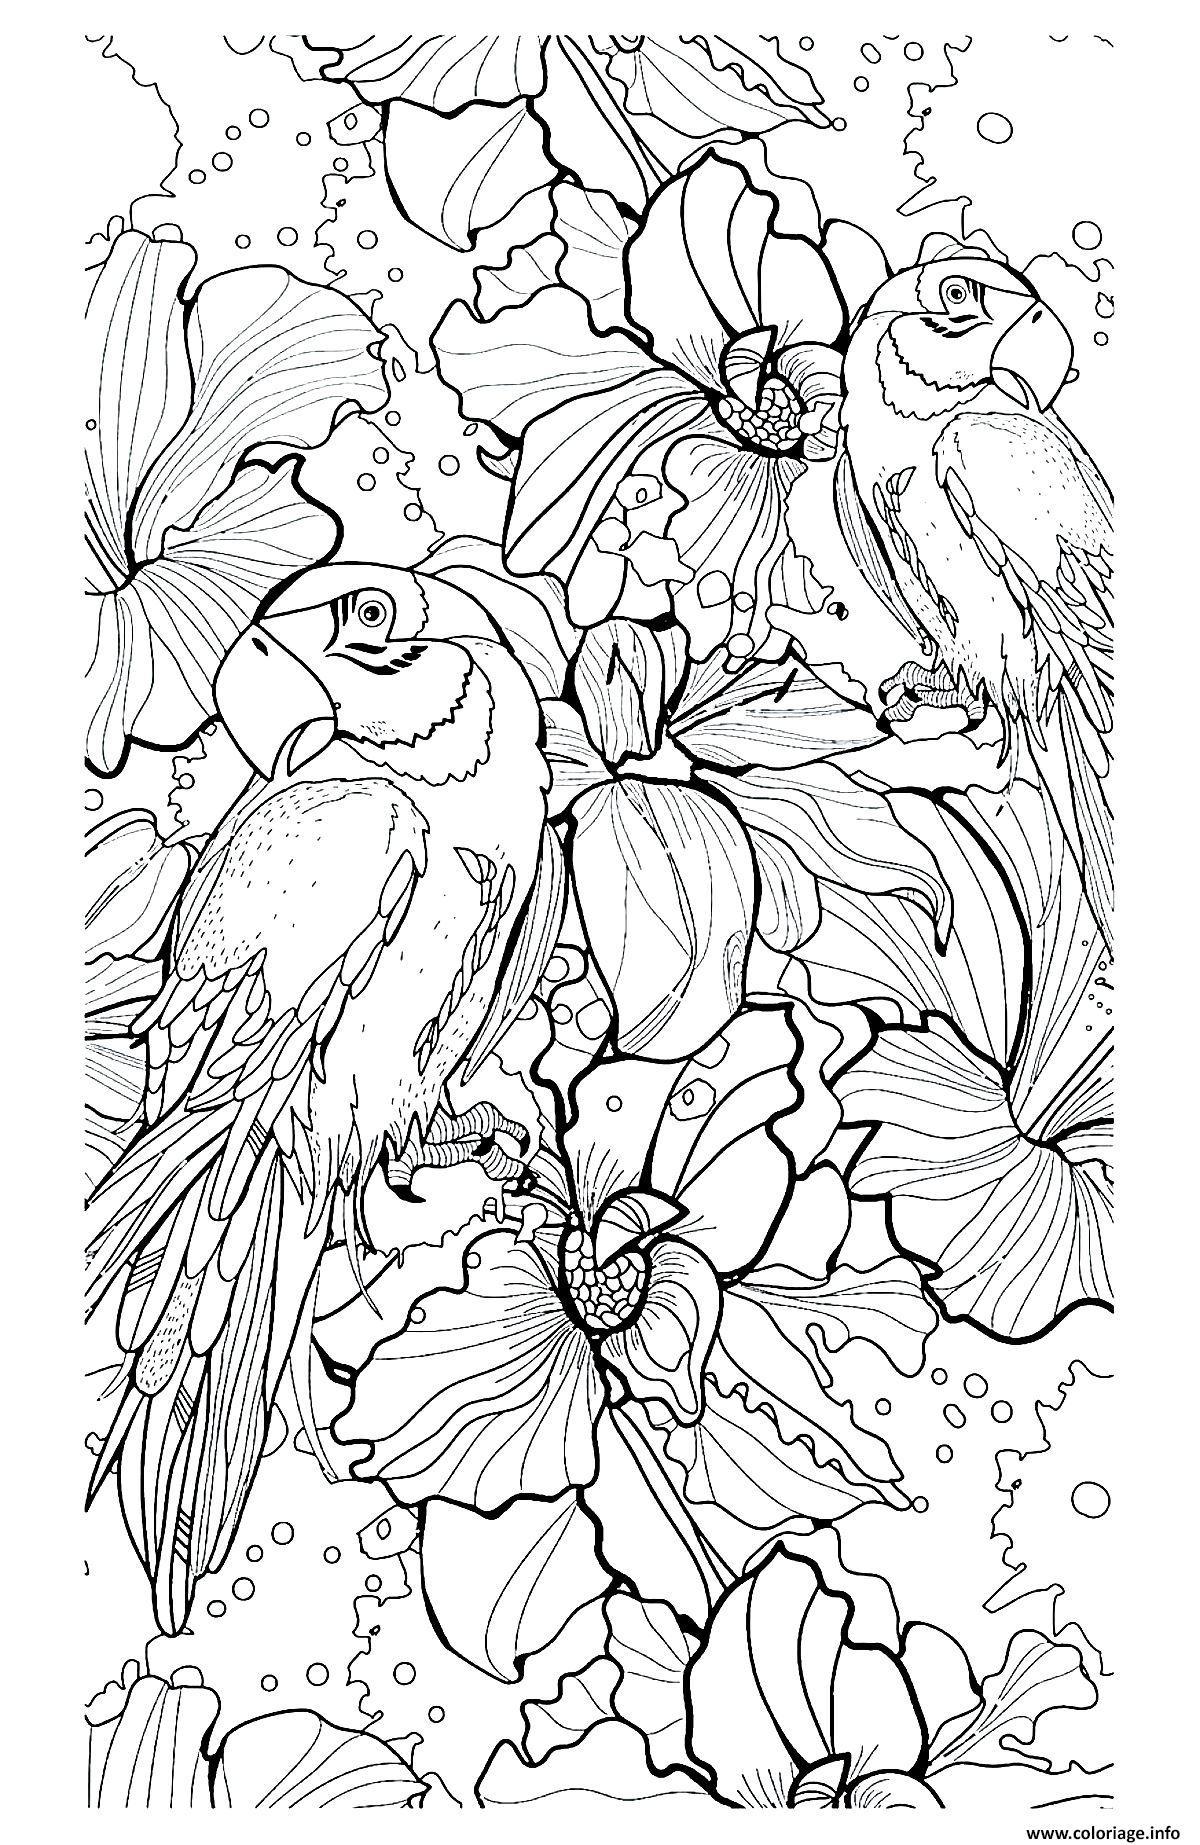 Coloriage adulte difficile perroquets   JeColorie.com